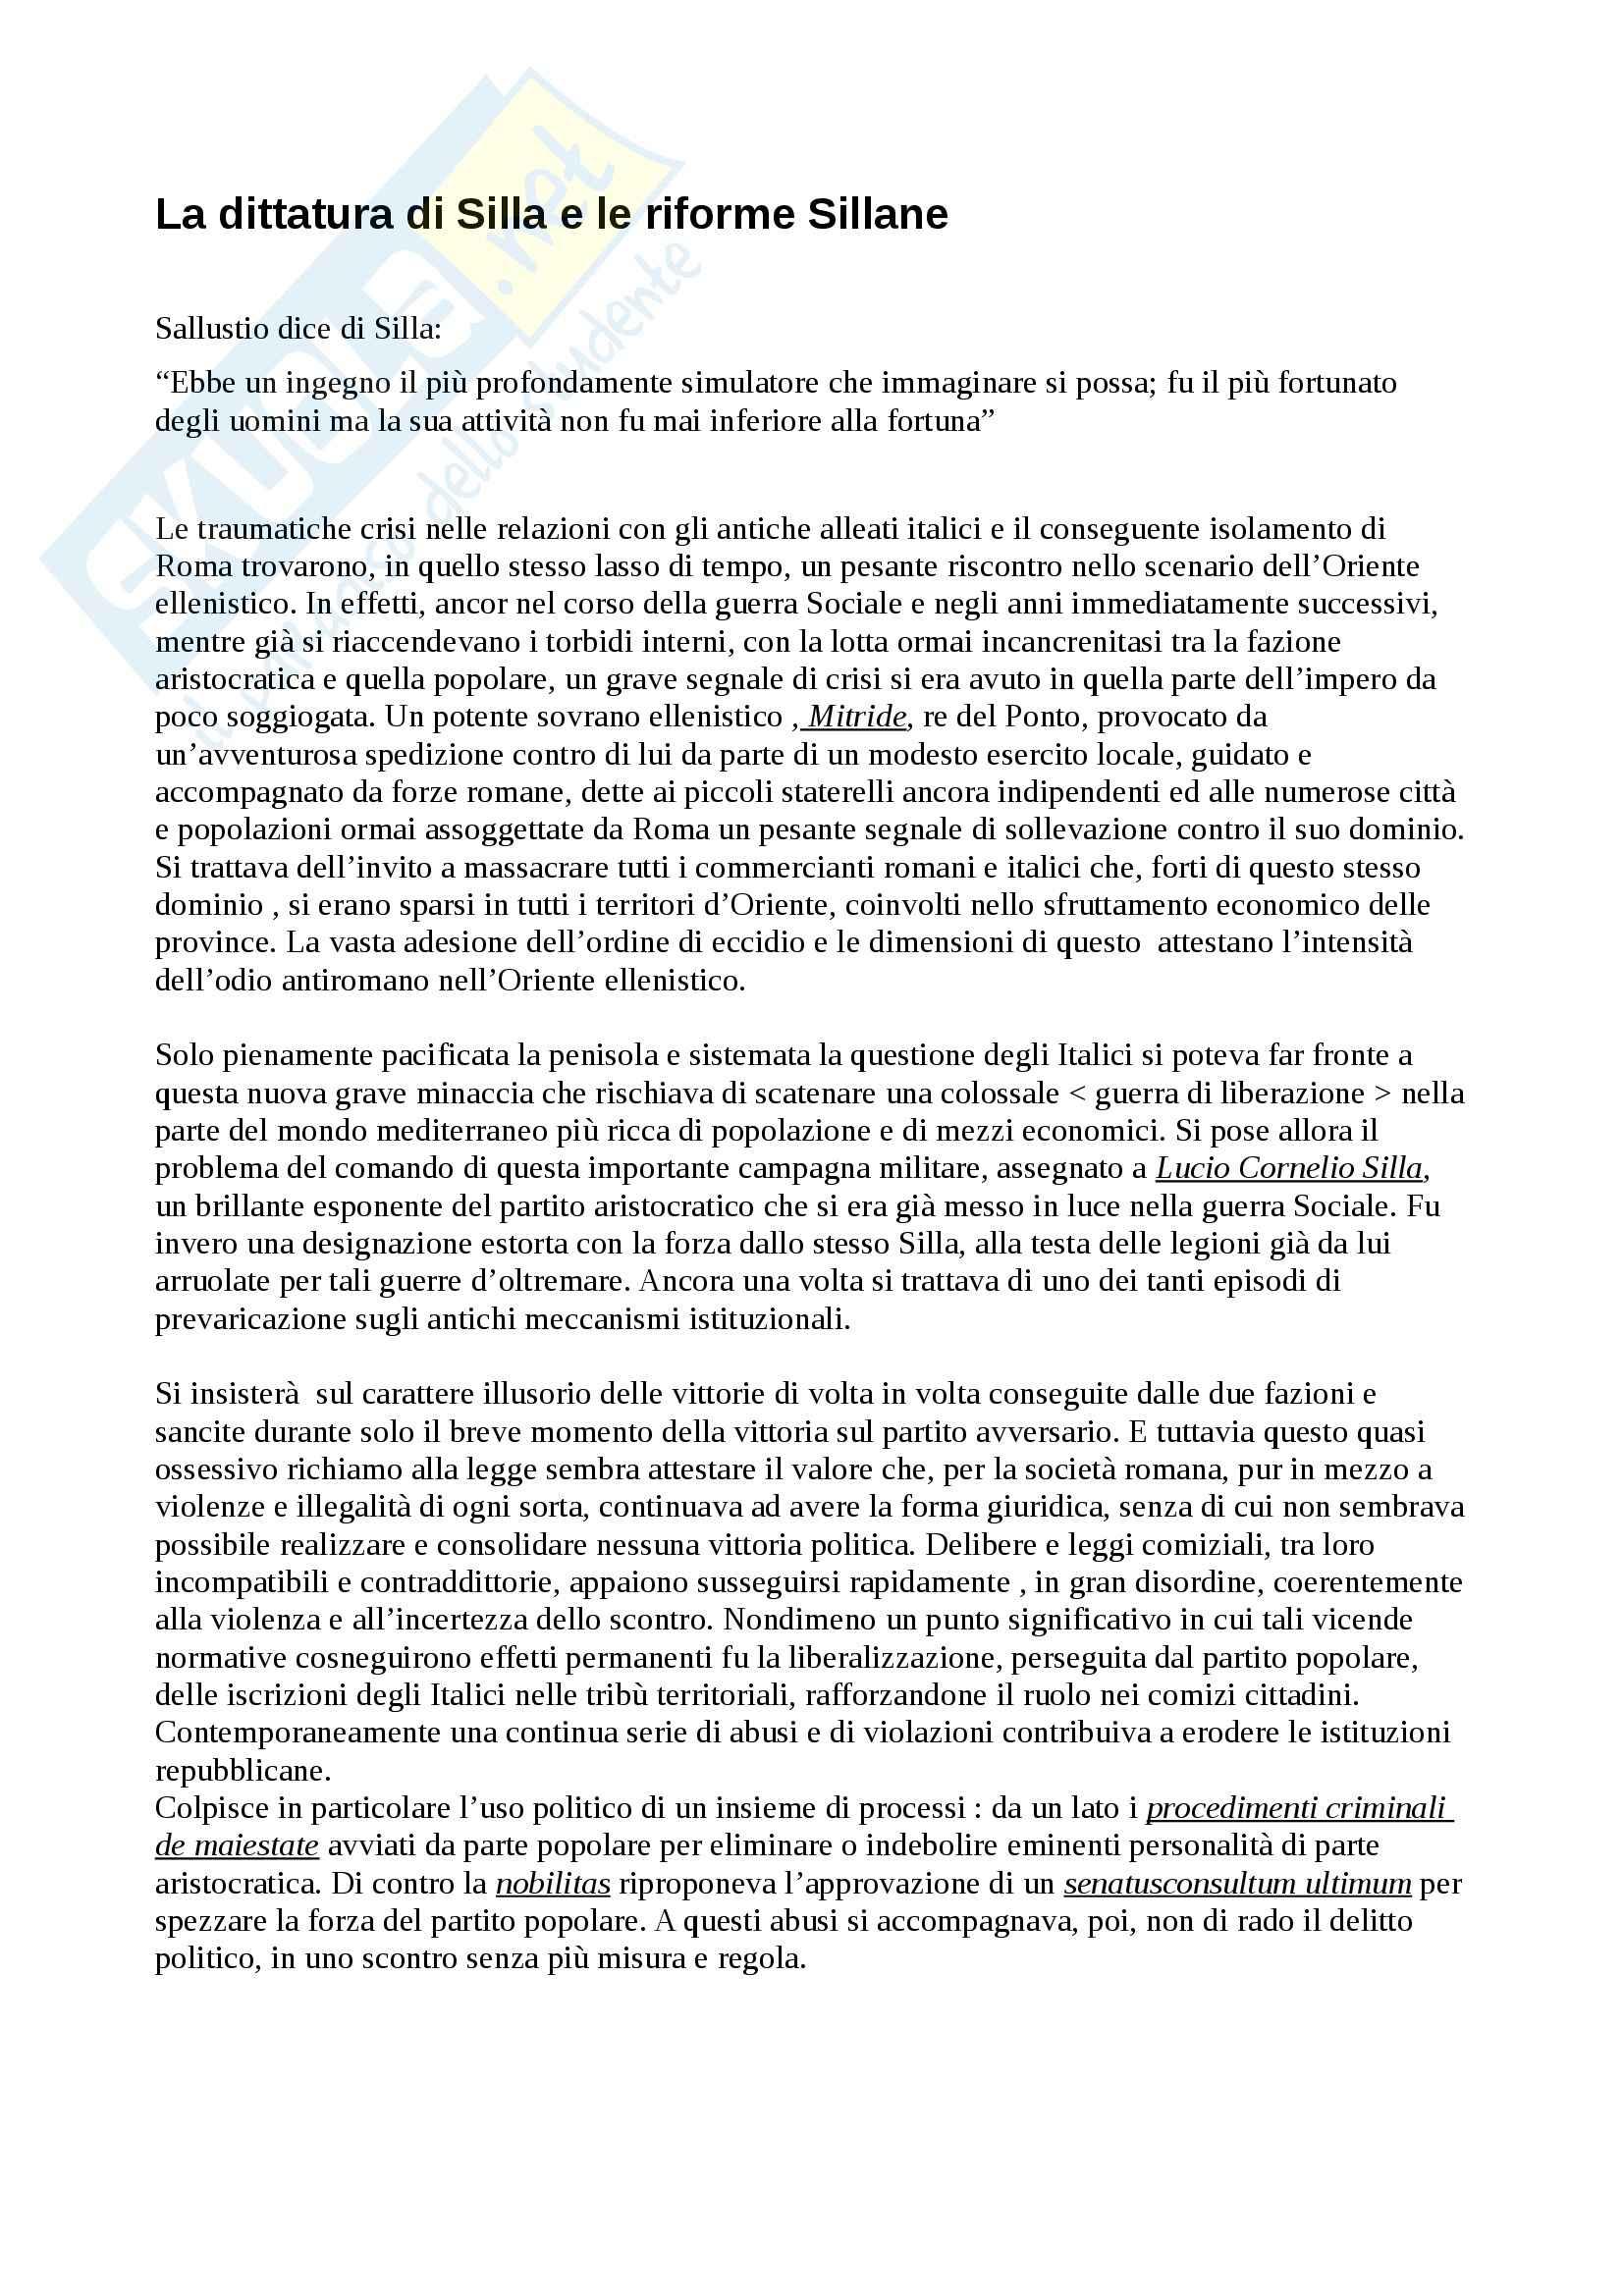 Silla, dittatura e riforme, Istituzioni di diritto romano